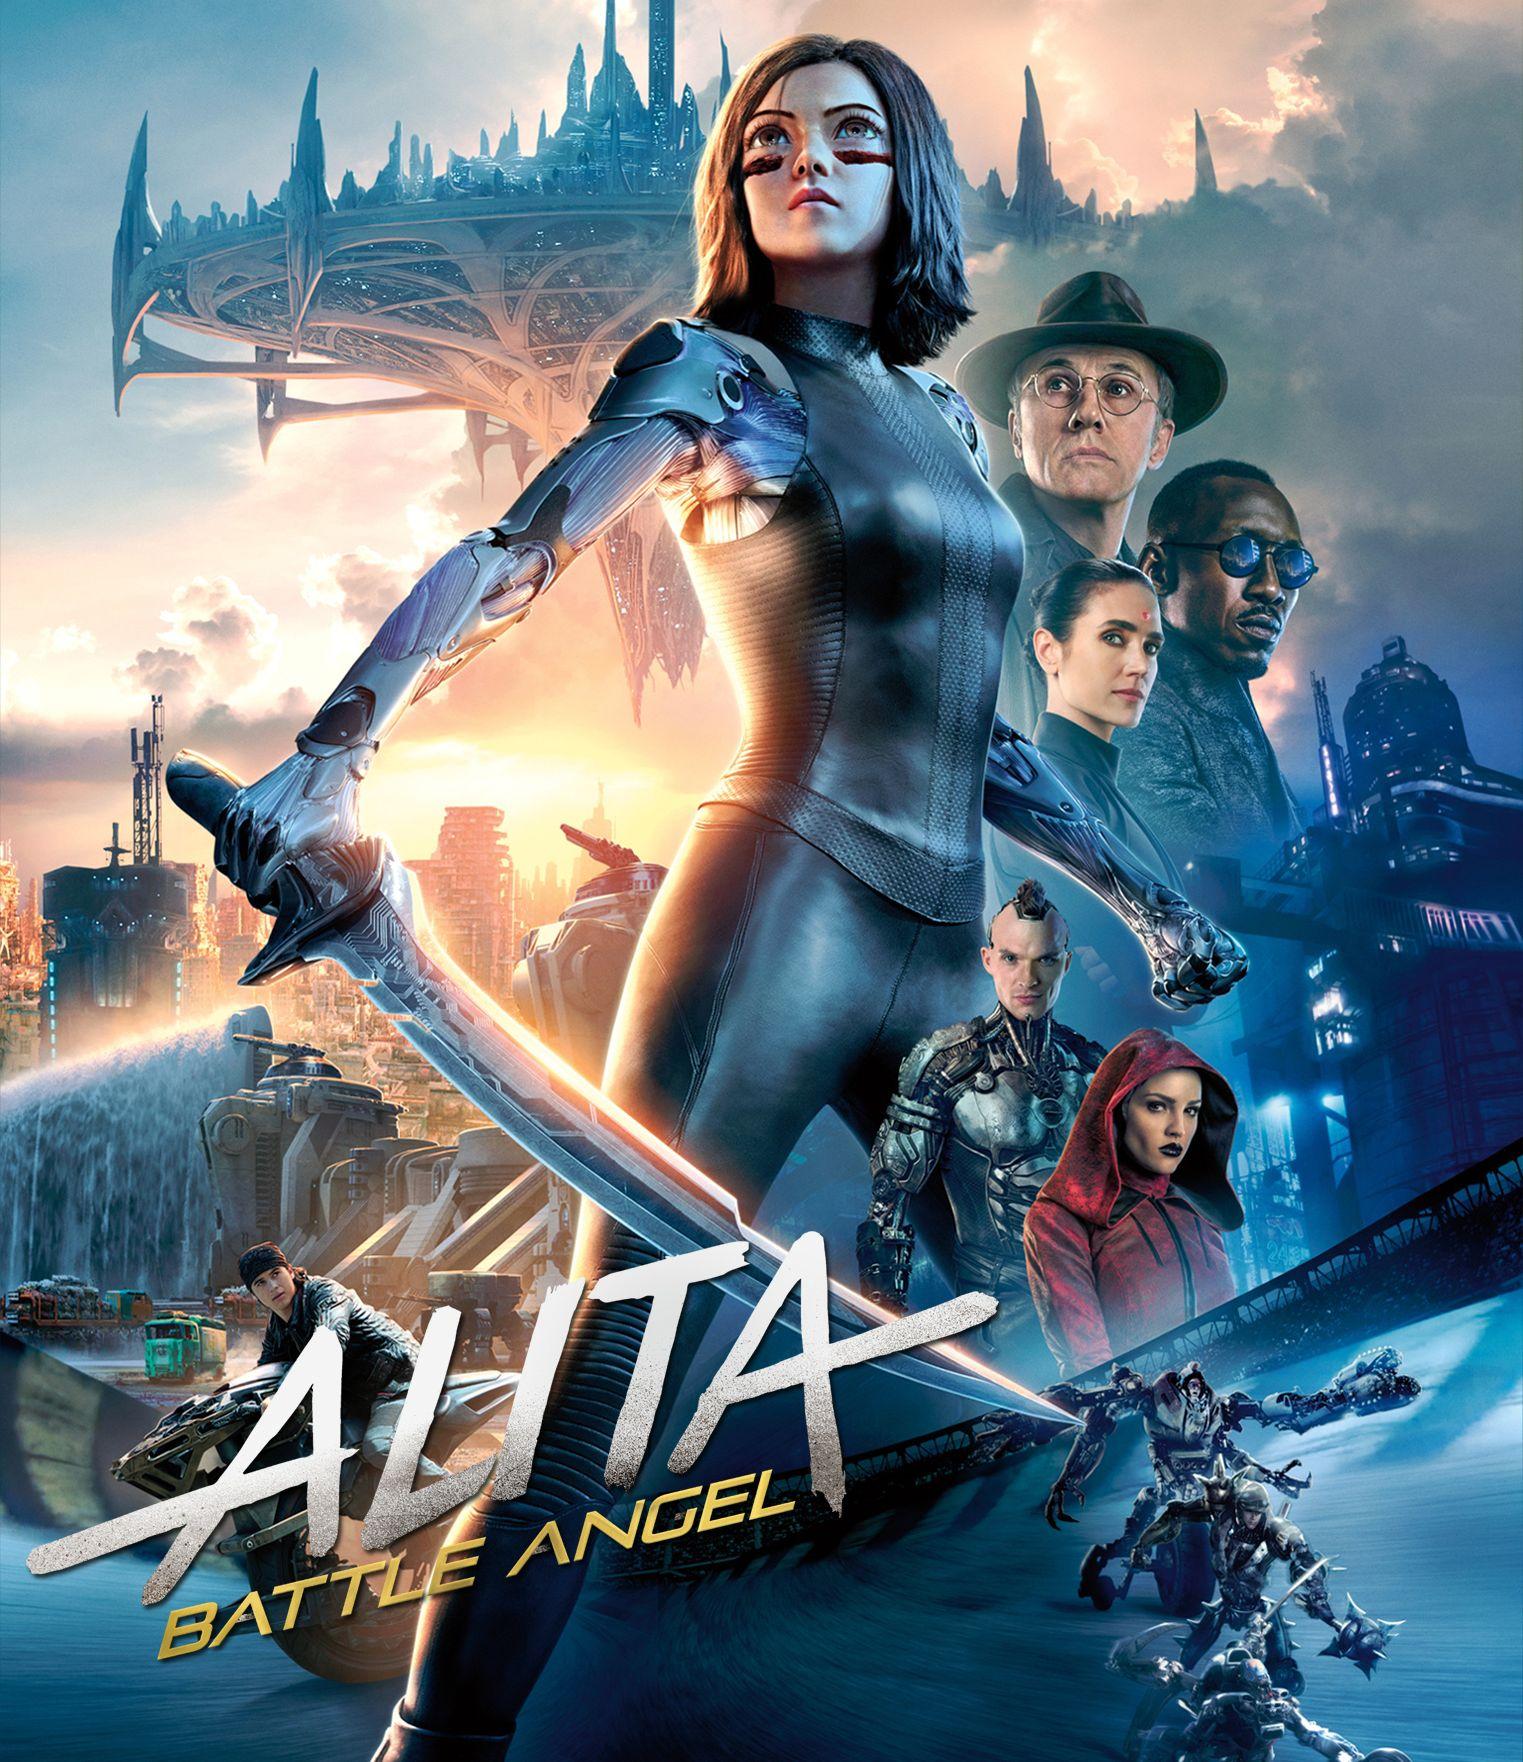 電影:「戰鬥天使:艾莉塔」